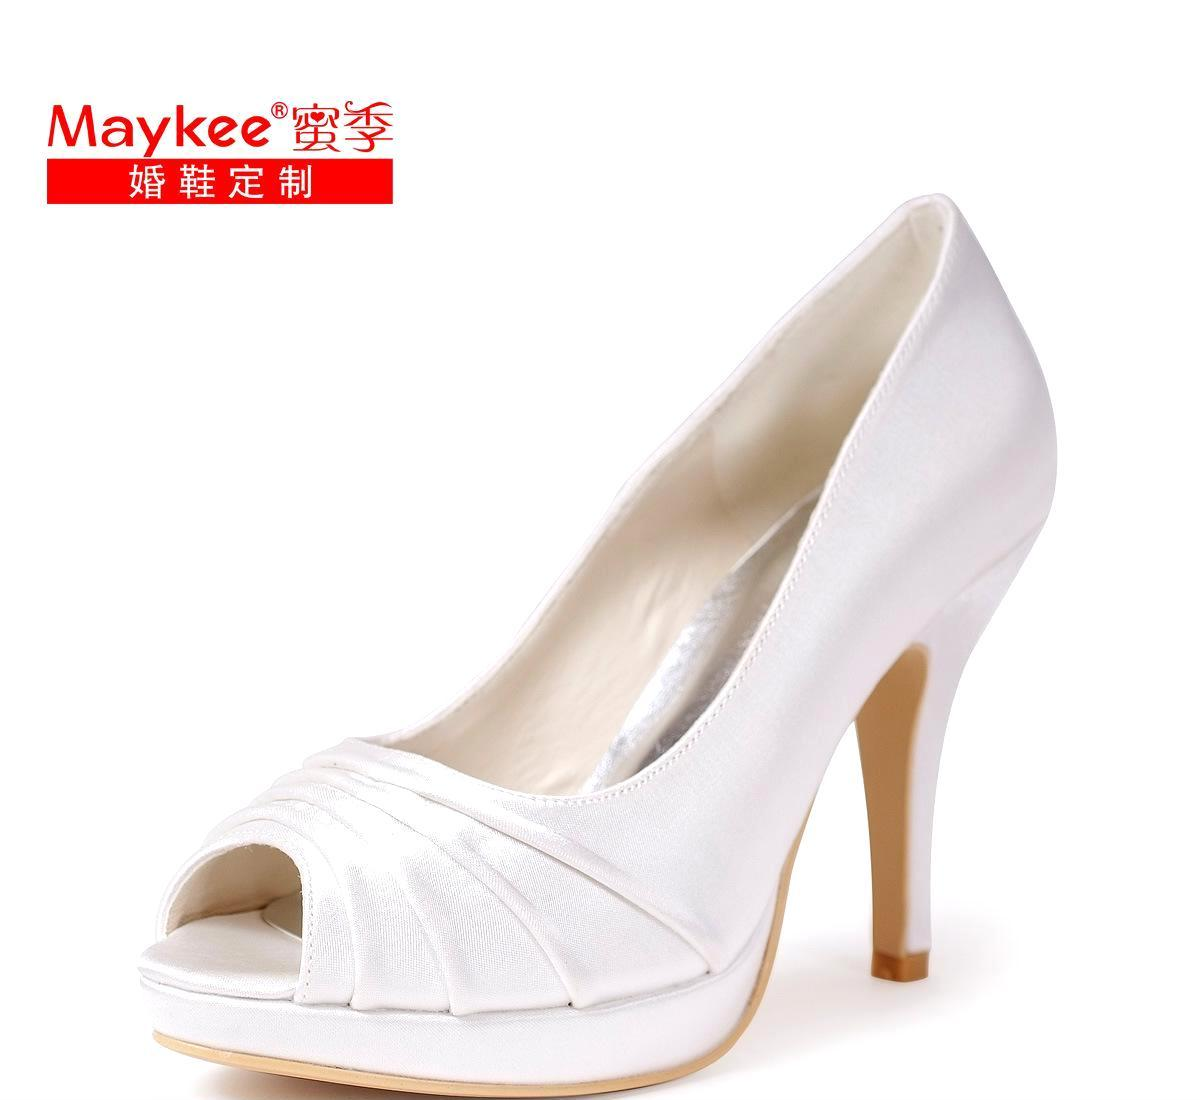 Maykee蜜季新款细跟沙丁布白色婚婚纱鞋宴会鞋爆款